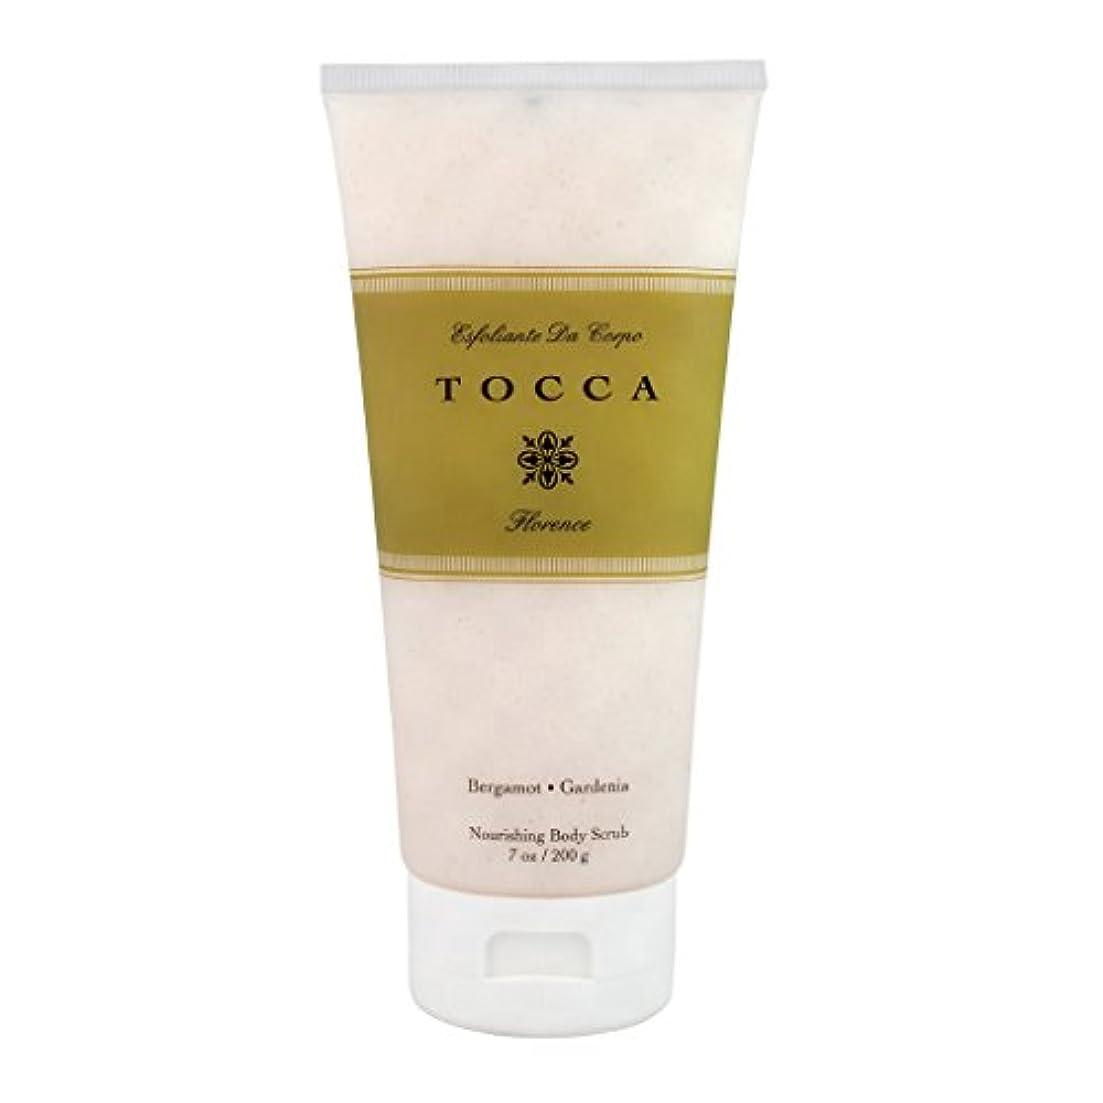 セメント過剰早めるトッカ(TOCCA) ボディーケアスクラブ フローレンスの香り 200ml(全身?ボディー用マッサージ料 ガーデニアとベルガモットが誘うように溶け合うどこまでも上品なフローラルの香り)